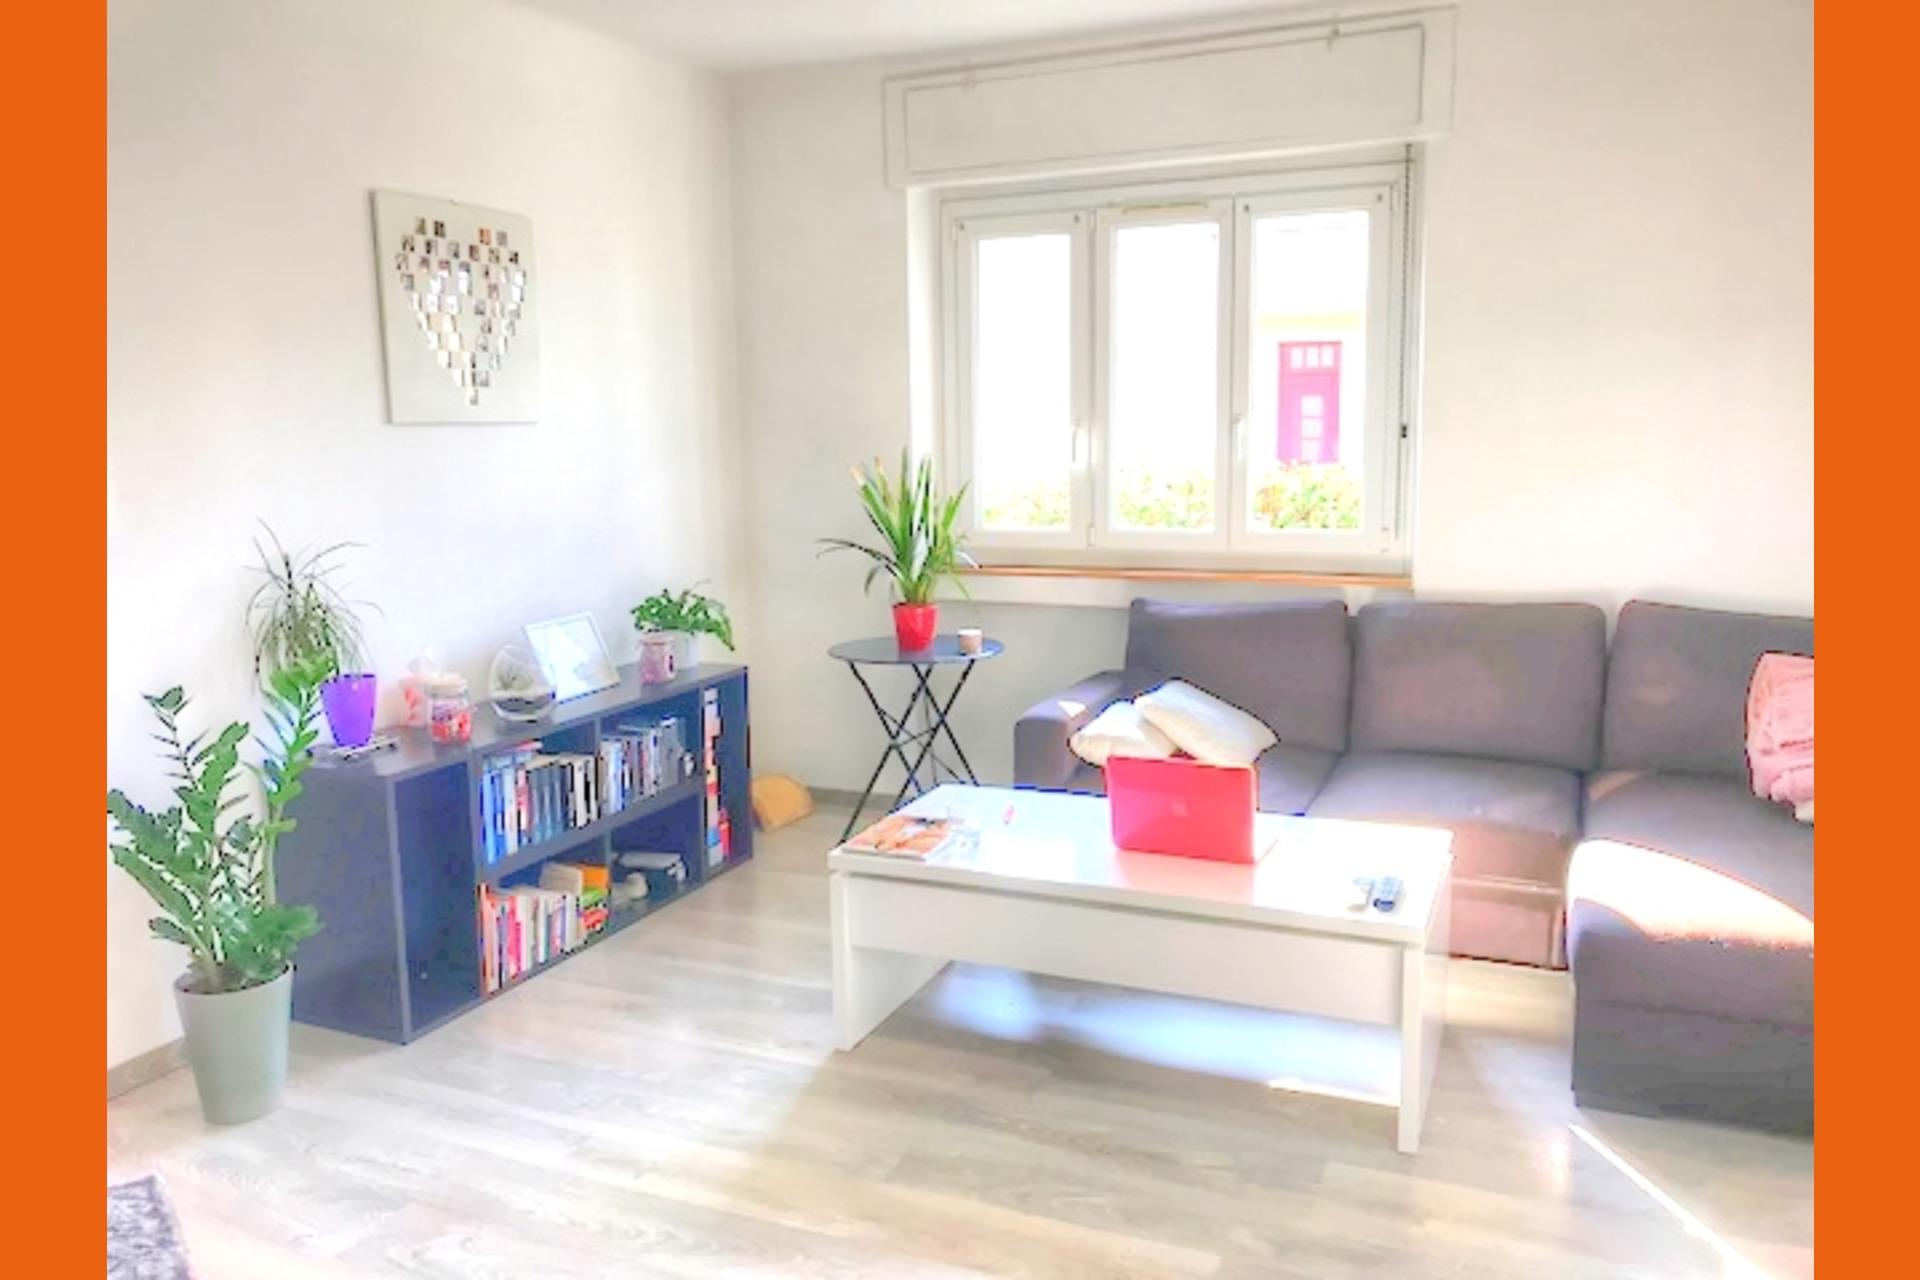 image 1 - Appartement À louer Montigny-lès-Metz - 4 pièces